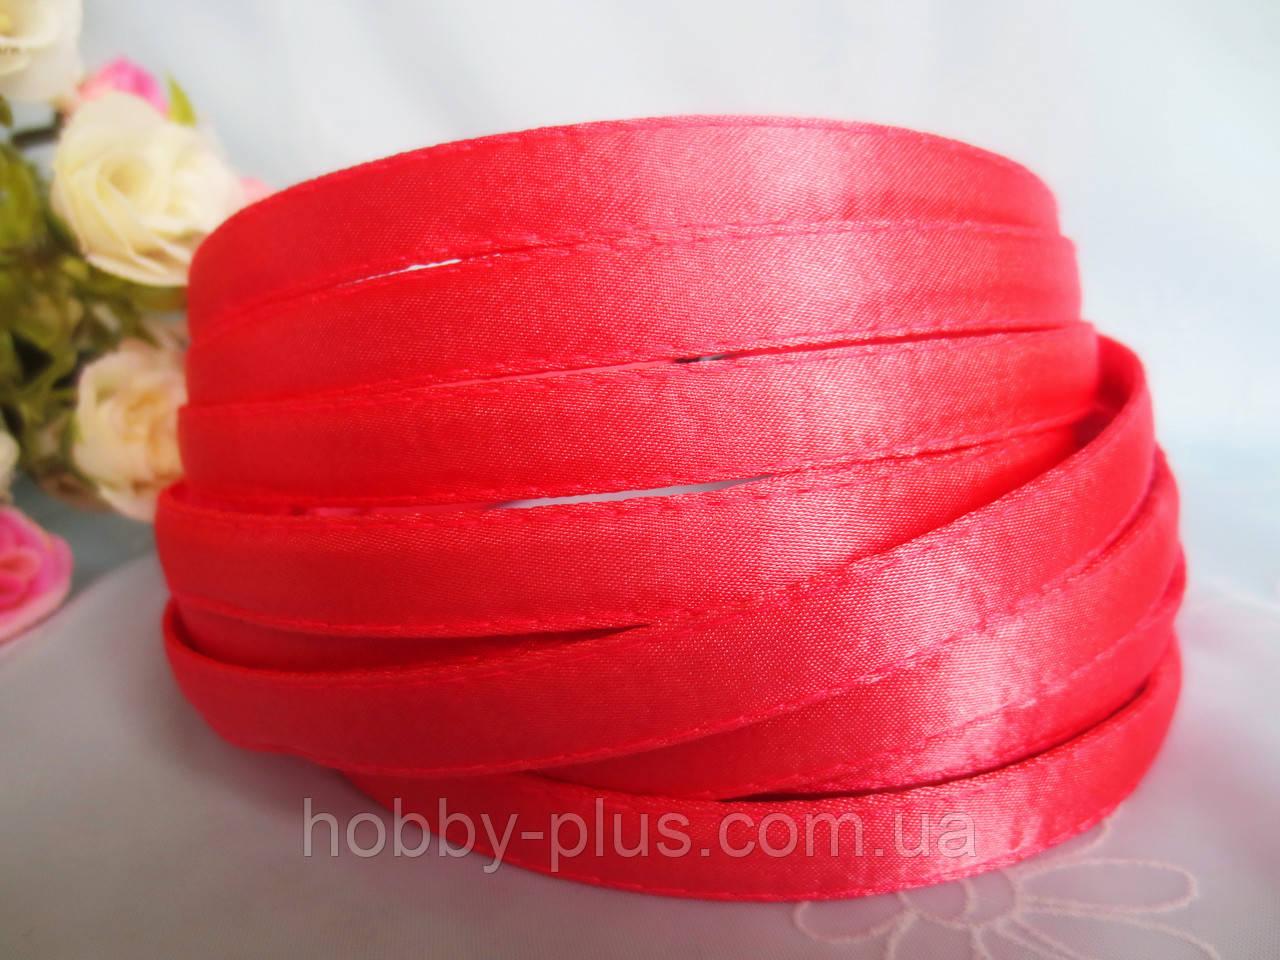 Обруч металлический обшитый тканью, КОРАЛЛОВЫЙ, 1,0 см